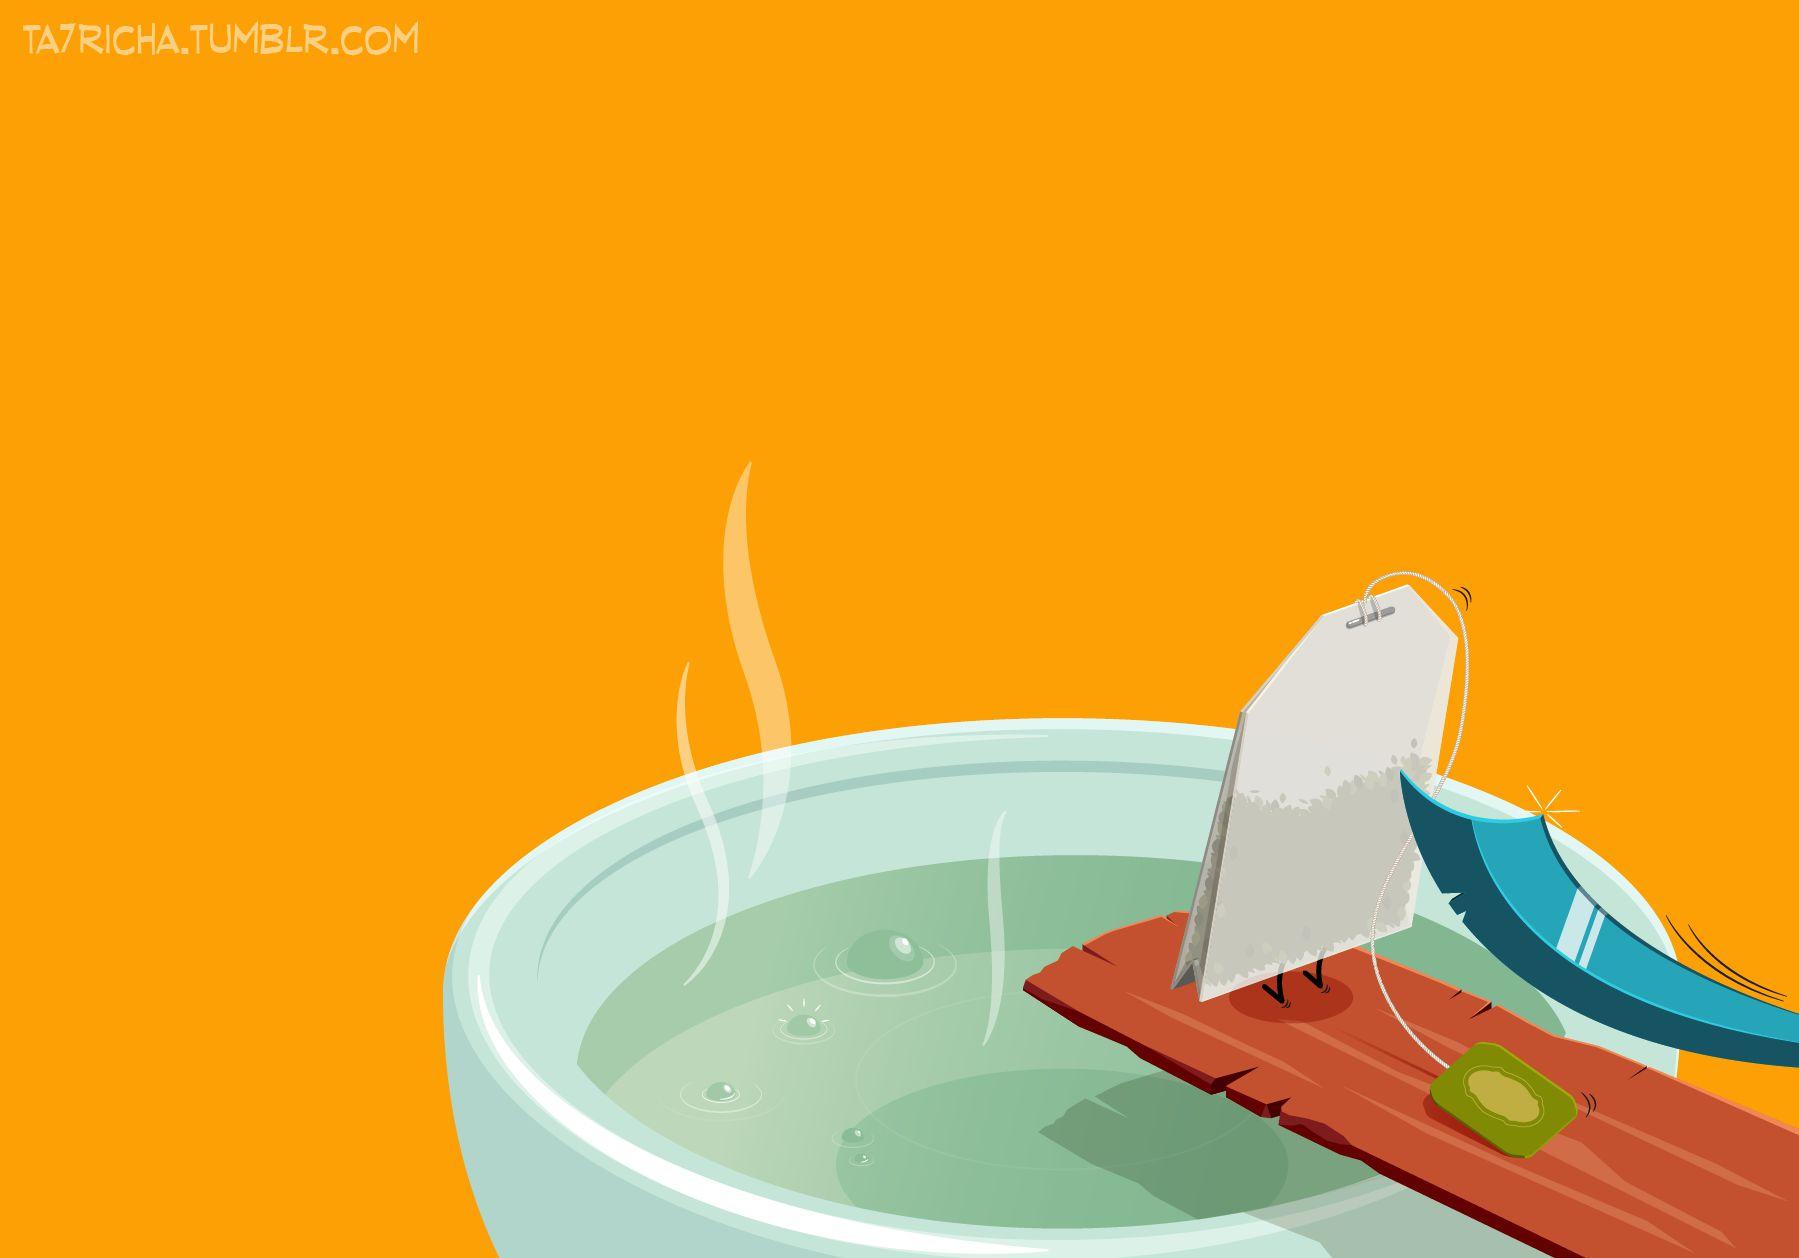 ilustraciones obejtos cotidianos tt (4)